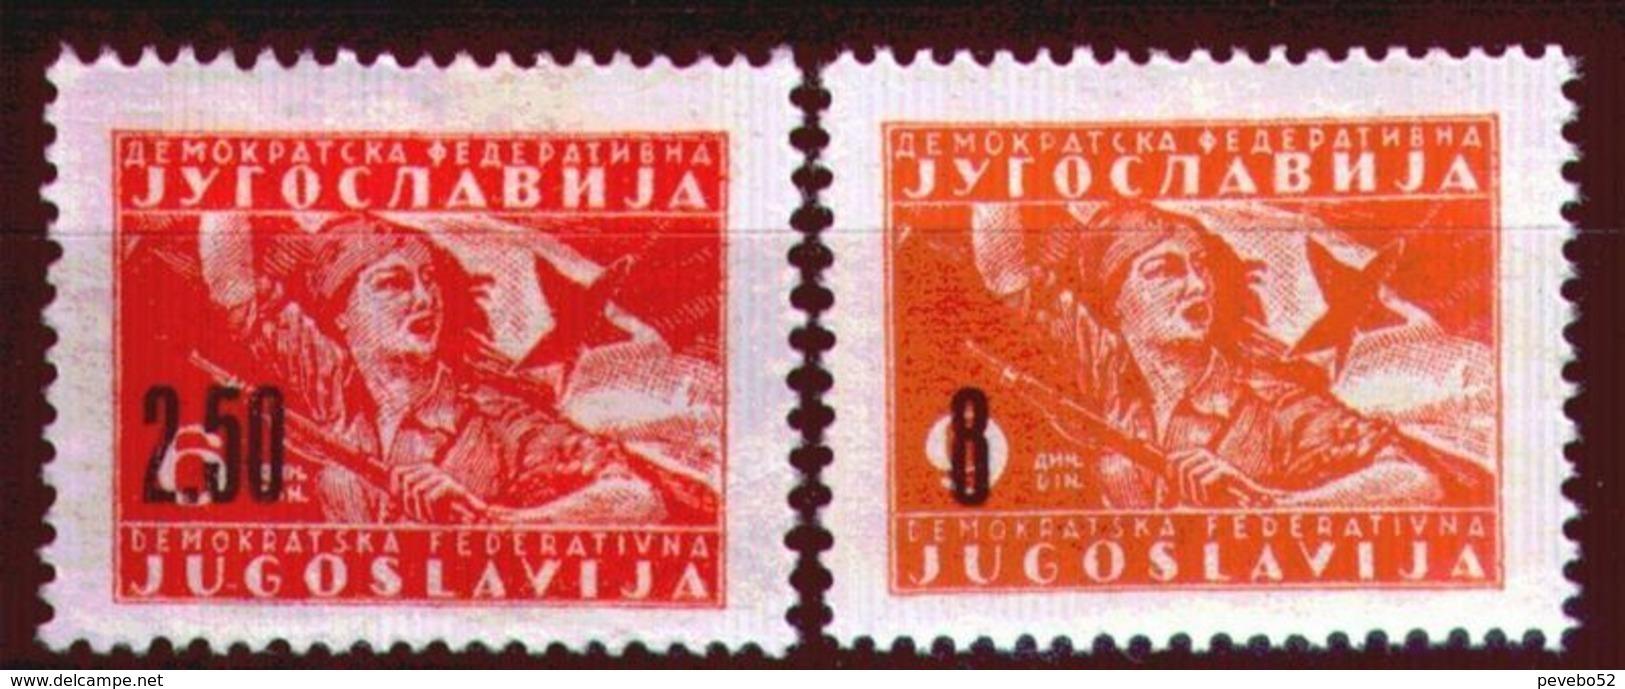 Yugoslavia 1946 Partisans - Overprint MNH - 1945-1992 République Fédérative Populaire De Yougoslavie